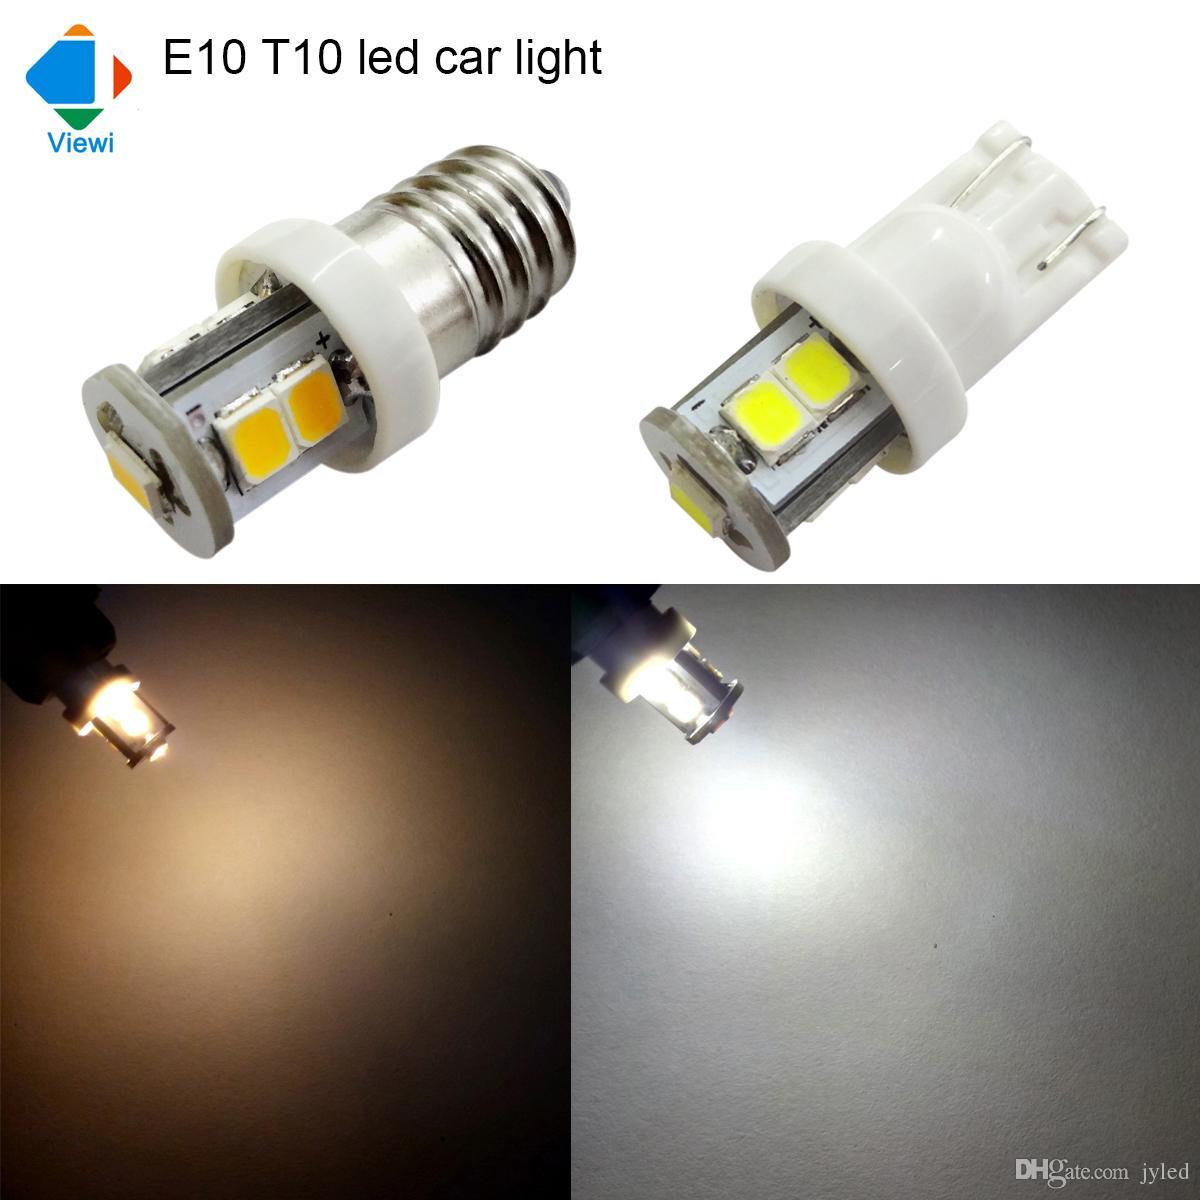 Viewi 20x E10 T10 Led Car Light Smd 2835 7leds Warm White Super